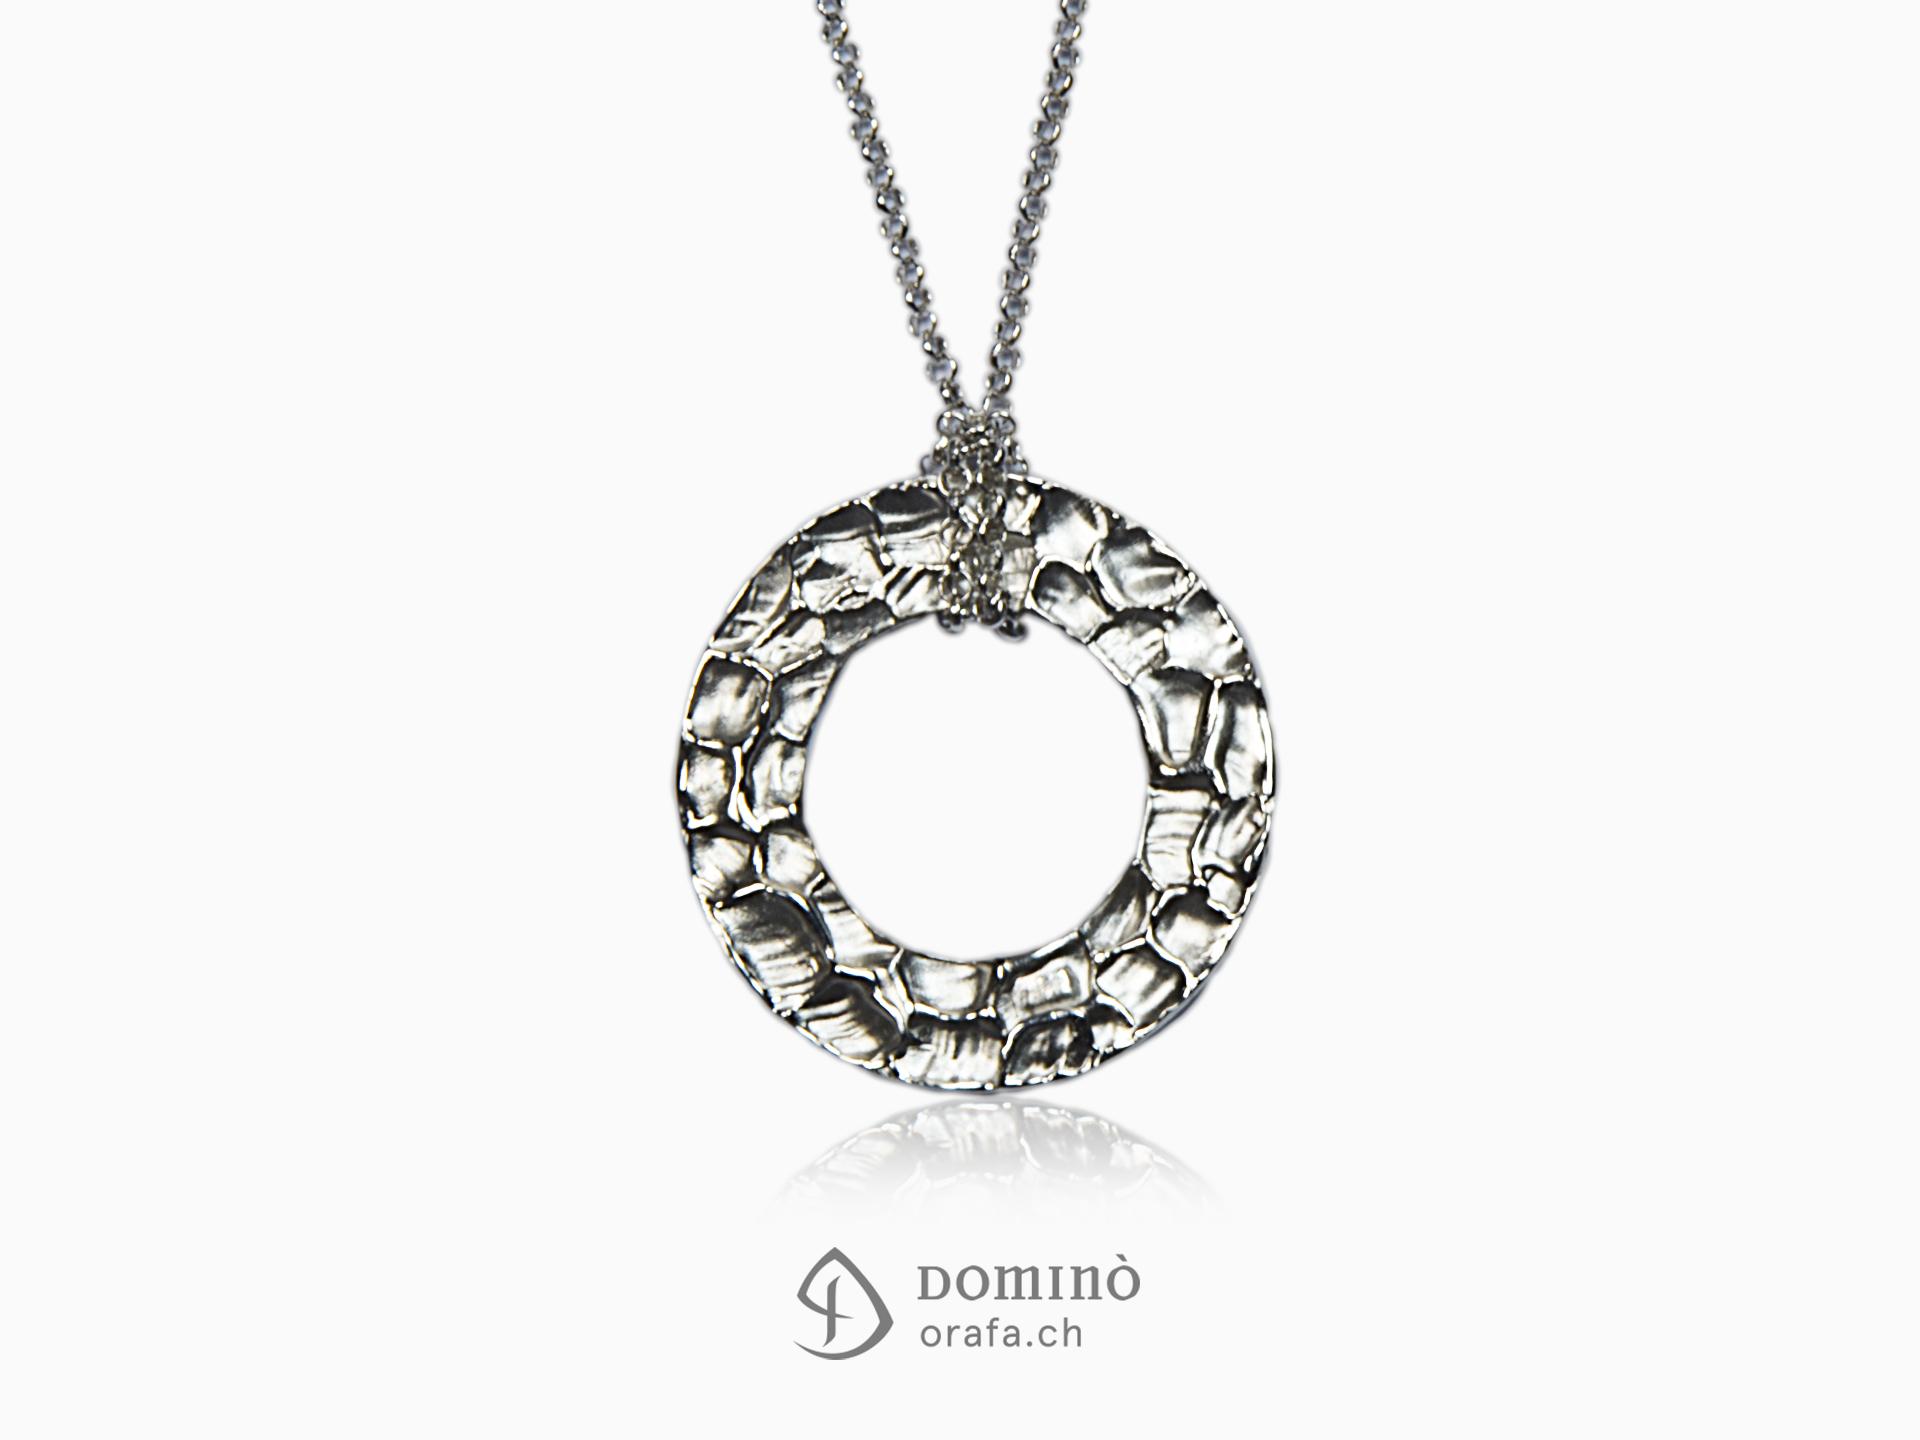 ciondolo-circolare-gocce-grandi-catena-argento